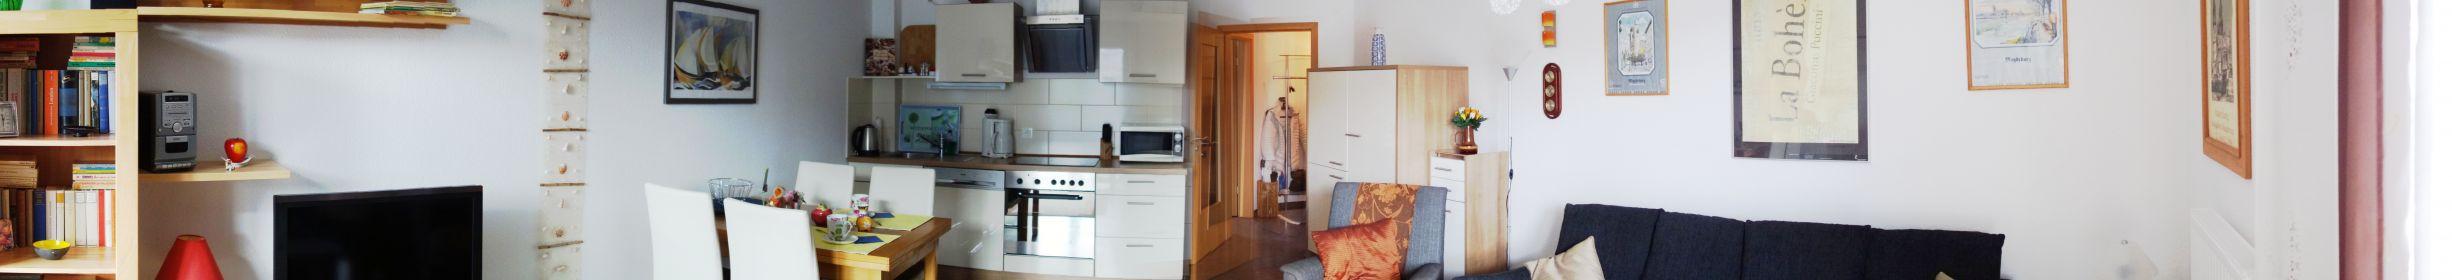 villa-quisisana-ferienwohnung-anneby-panorama-1